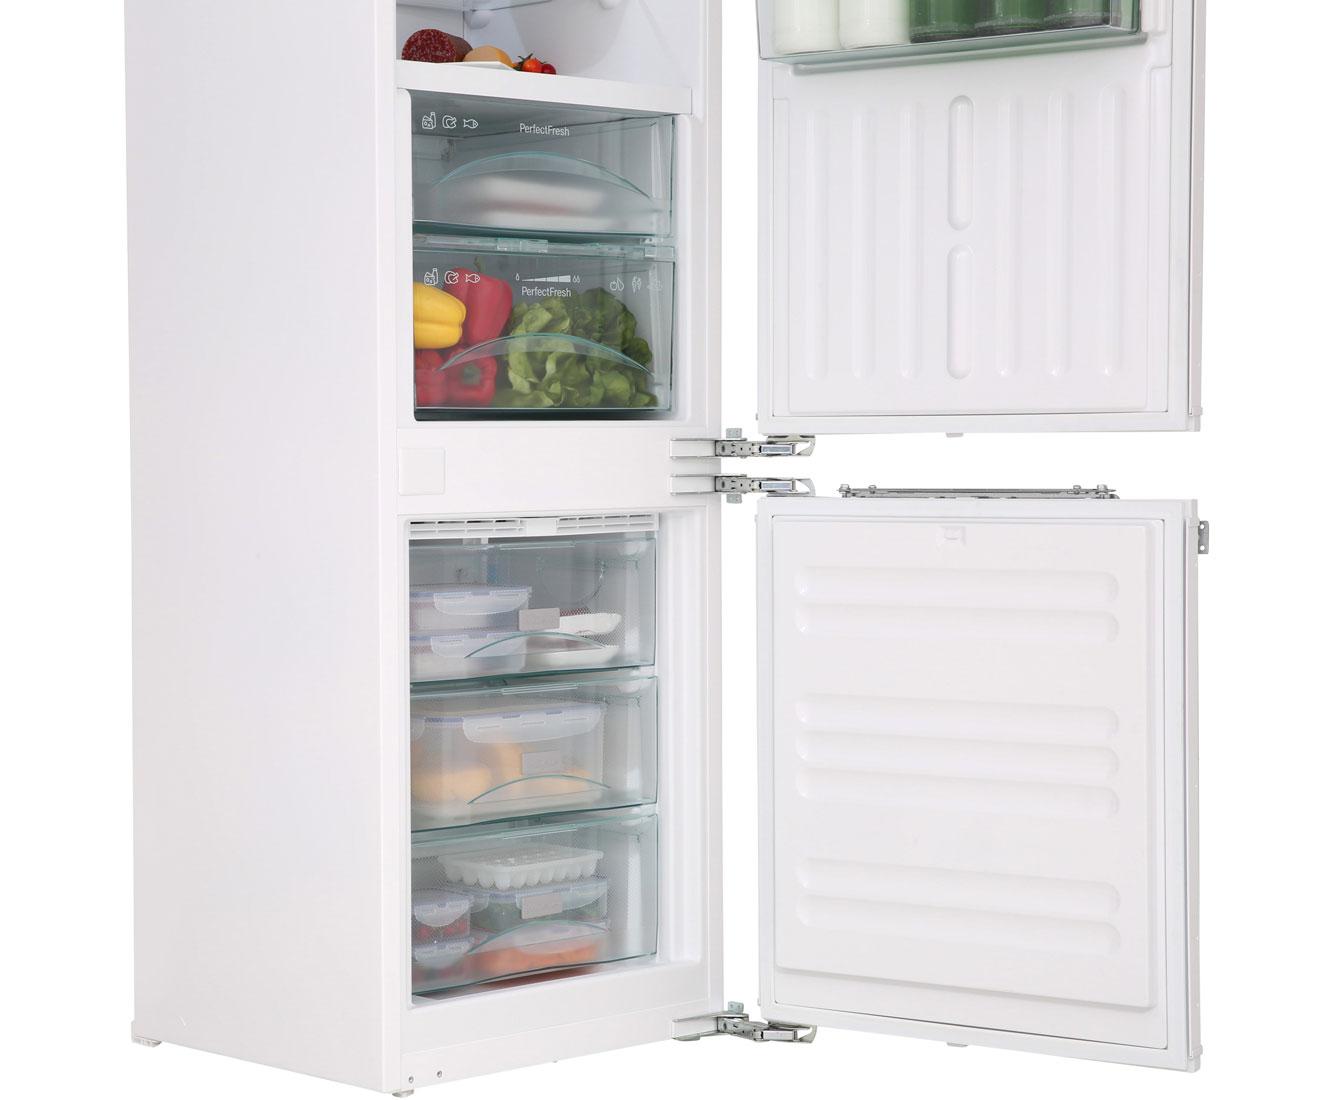 Side By Side Kühlschrank Miele : Miele side by side kühlschrank preis miele k id einbau